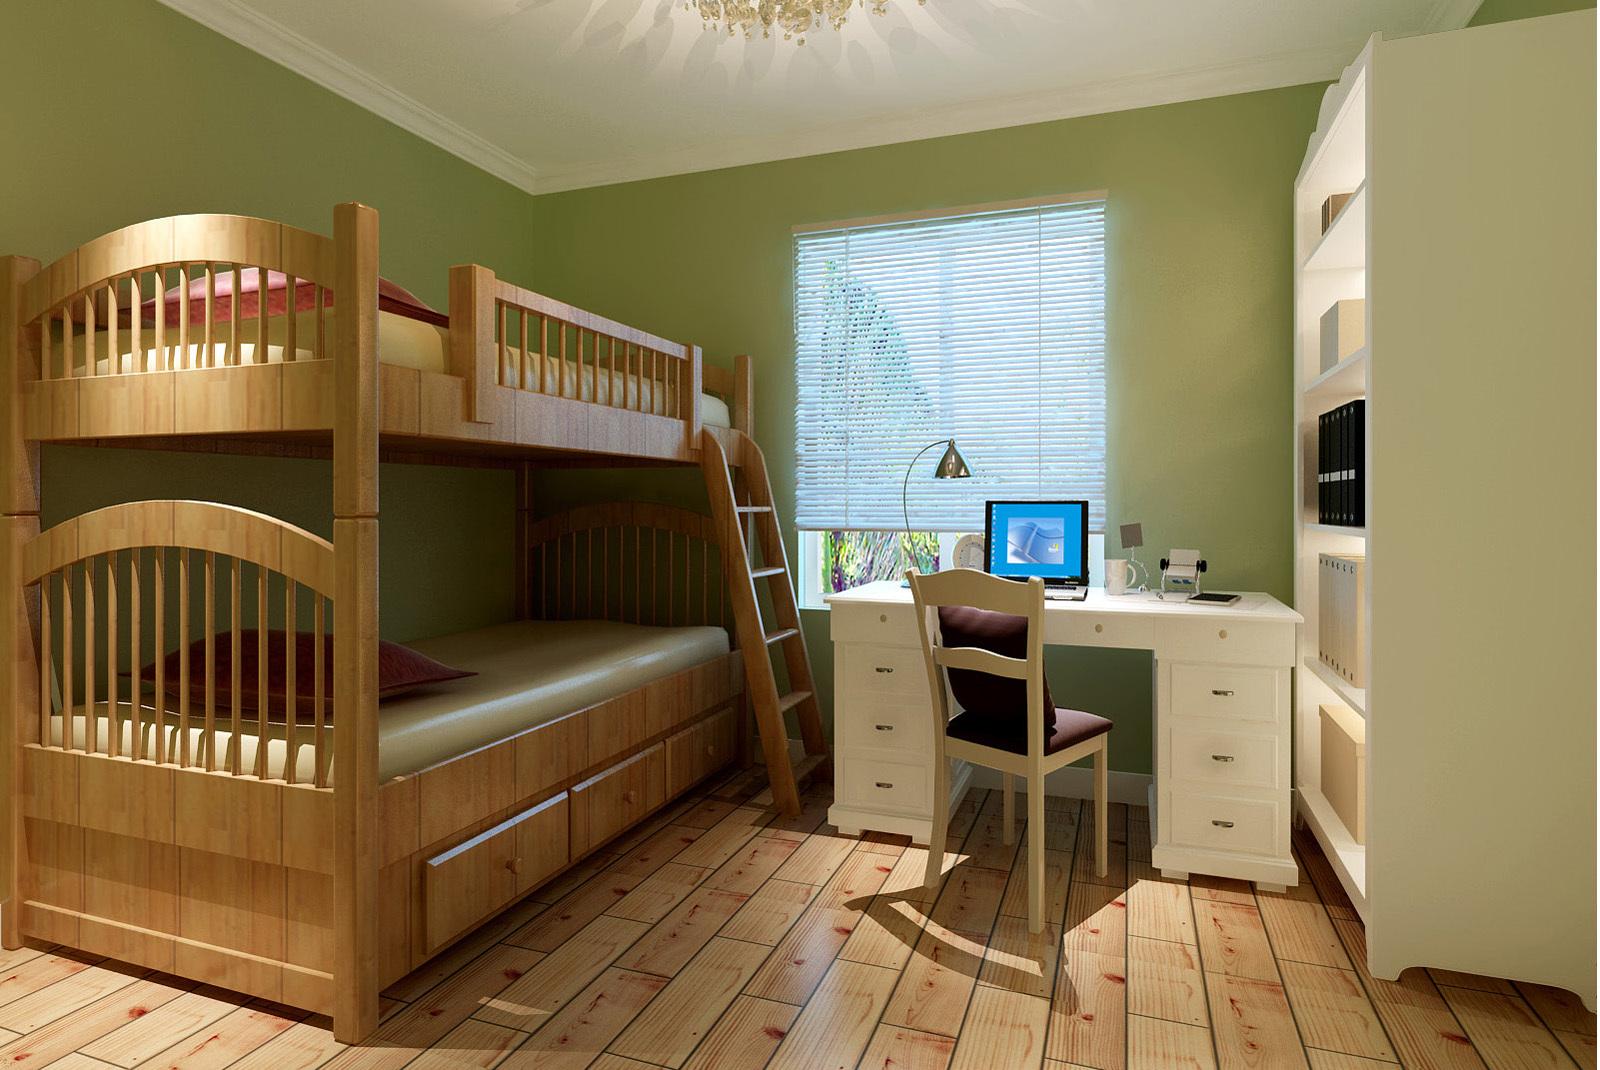 78平米宜家朴素的儿童房设计装修效果图